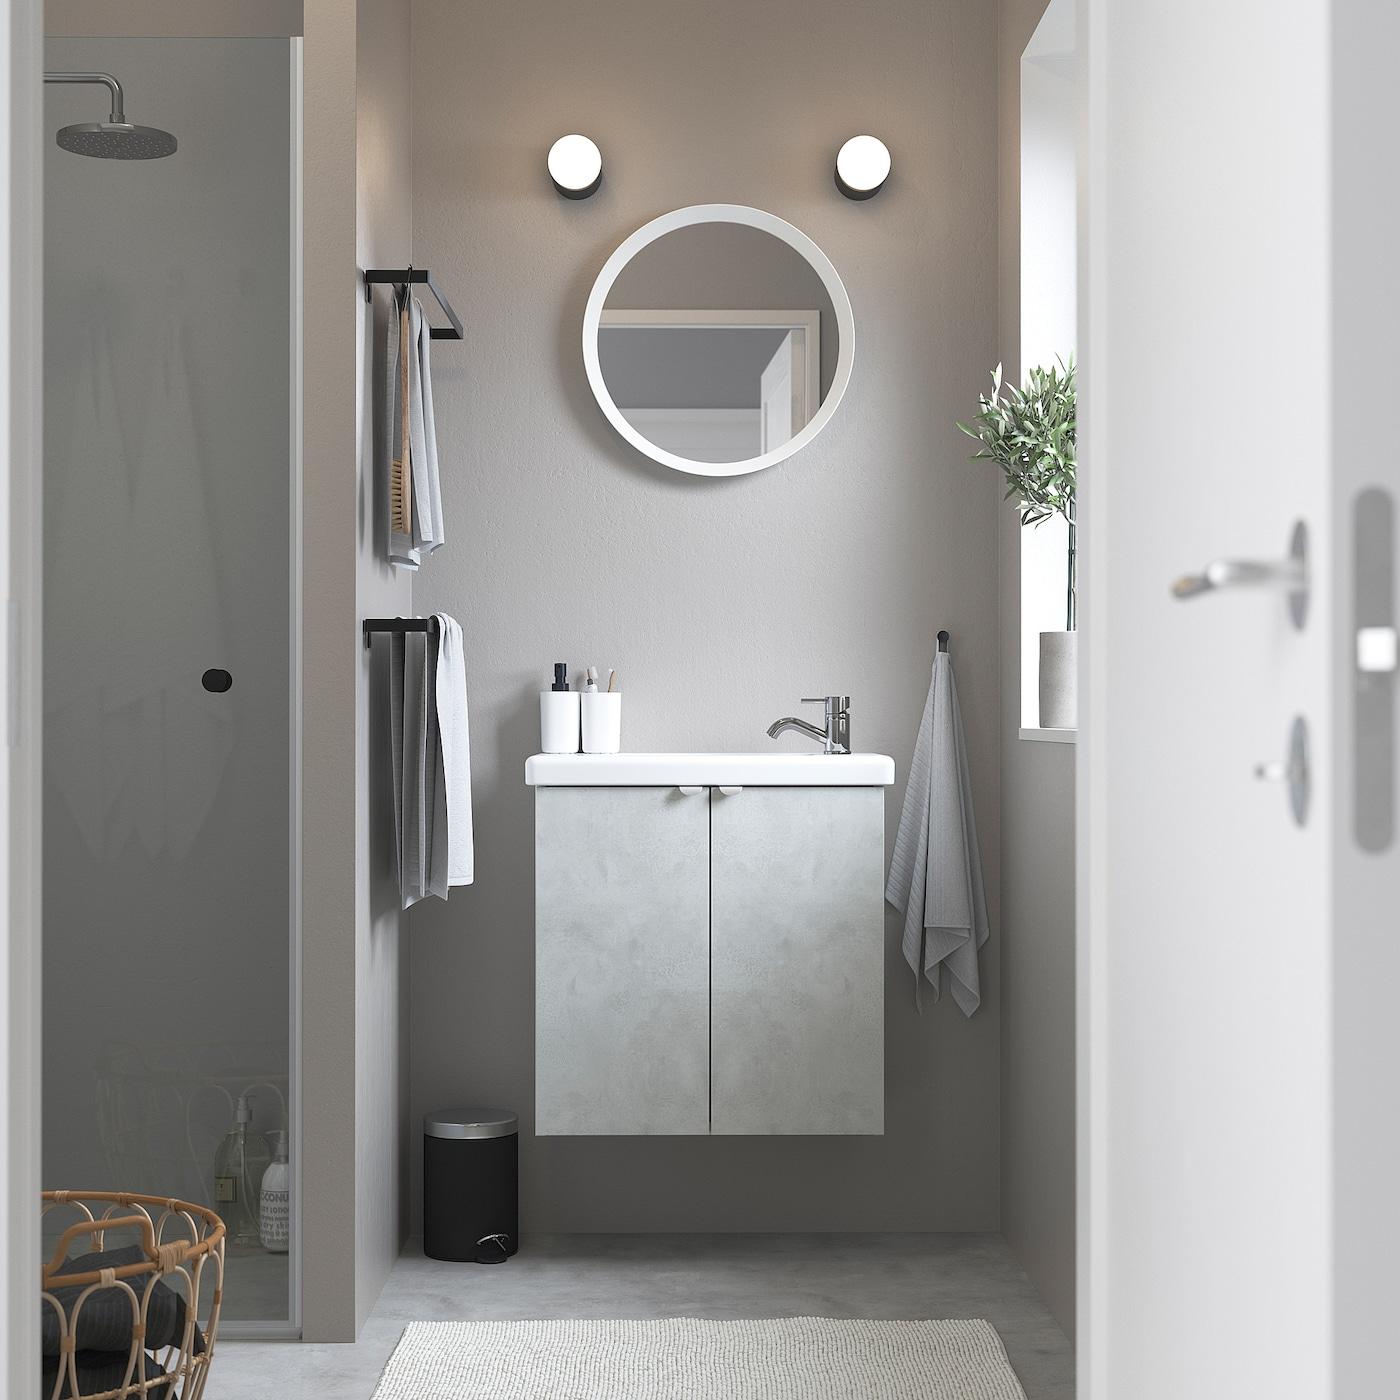 Picture of: Enhet Tvallen Skab Til Vask Med 2 Lager Betonmonstret Hvid Pilkan Blandingsbatteri Ikea